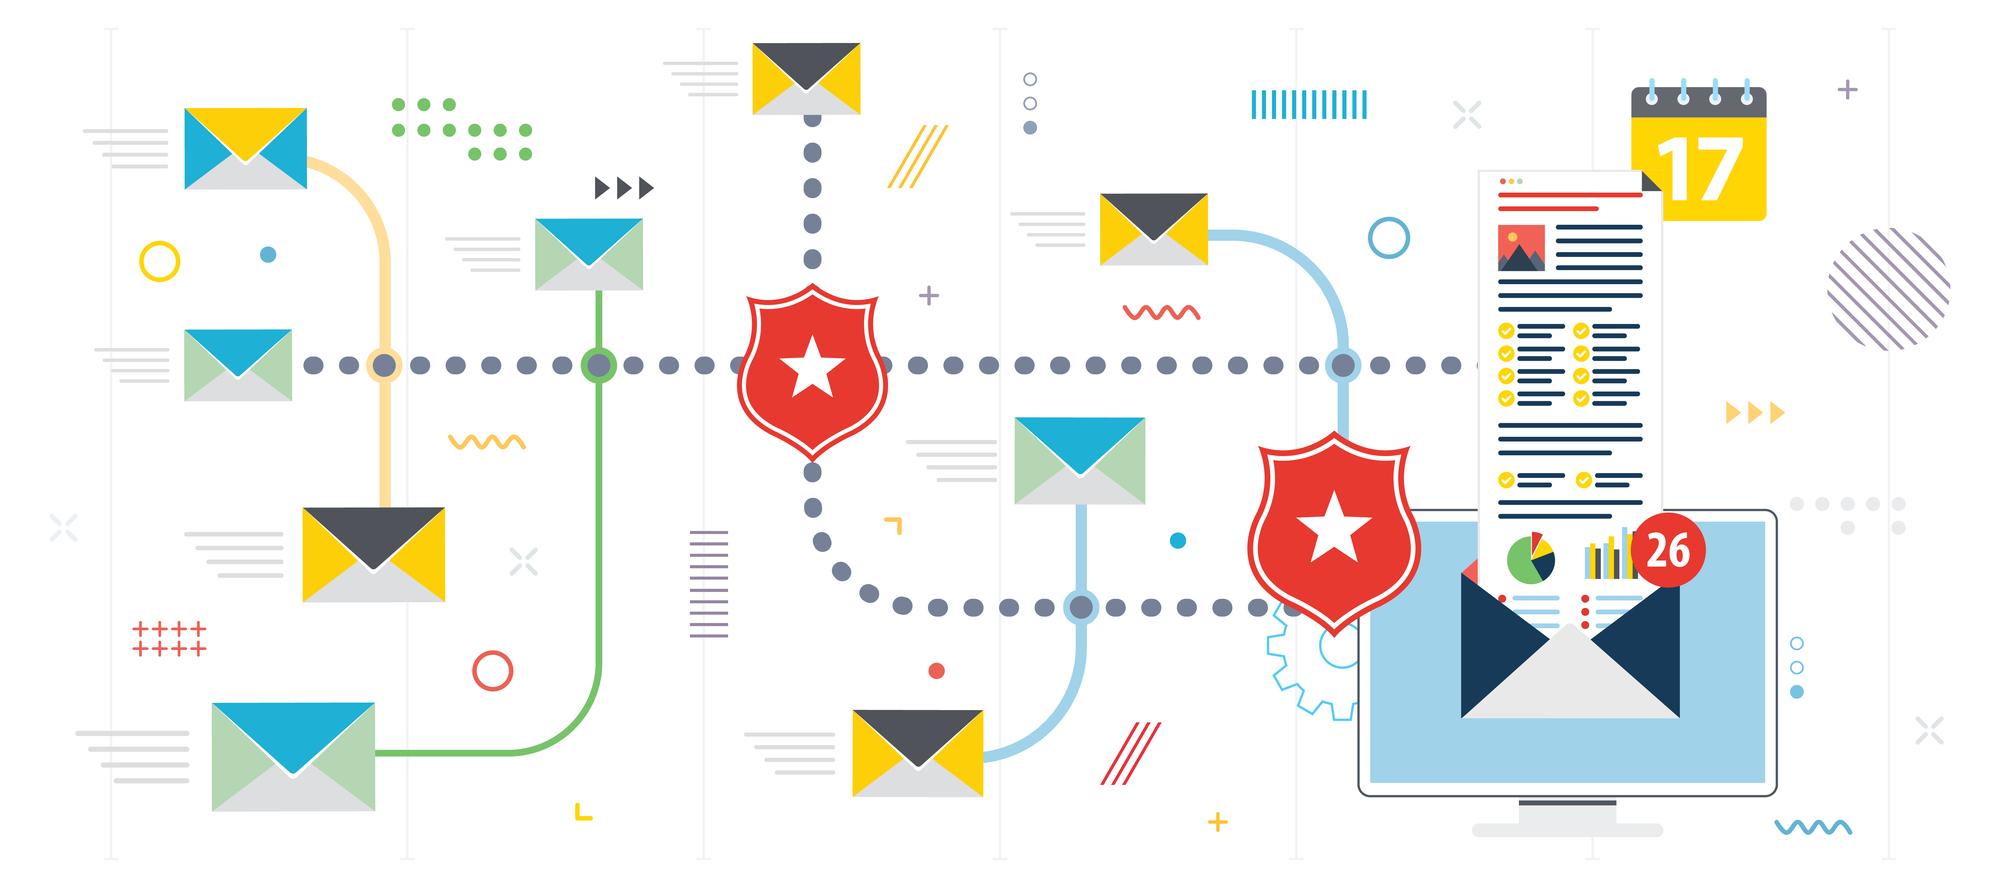 メールのセキュリティ対策「S/MIME」とは?証明書の仕組みもご紹介のアイキャッチイメージ